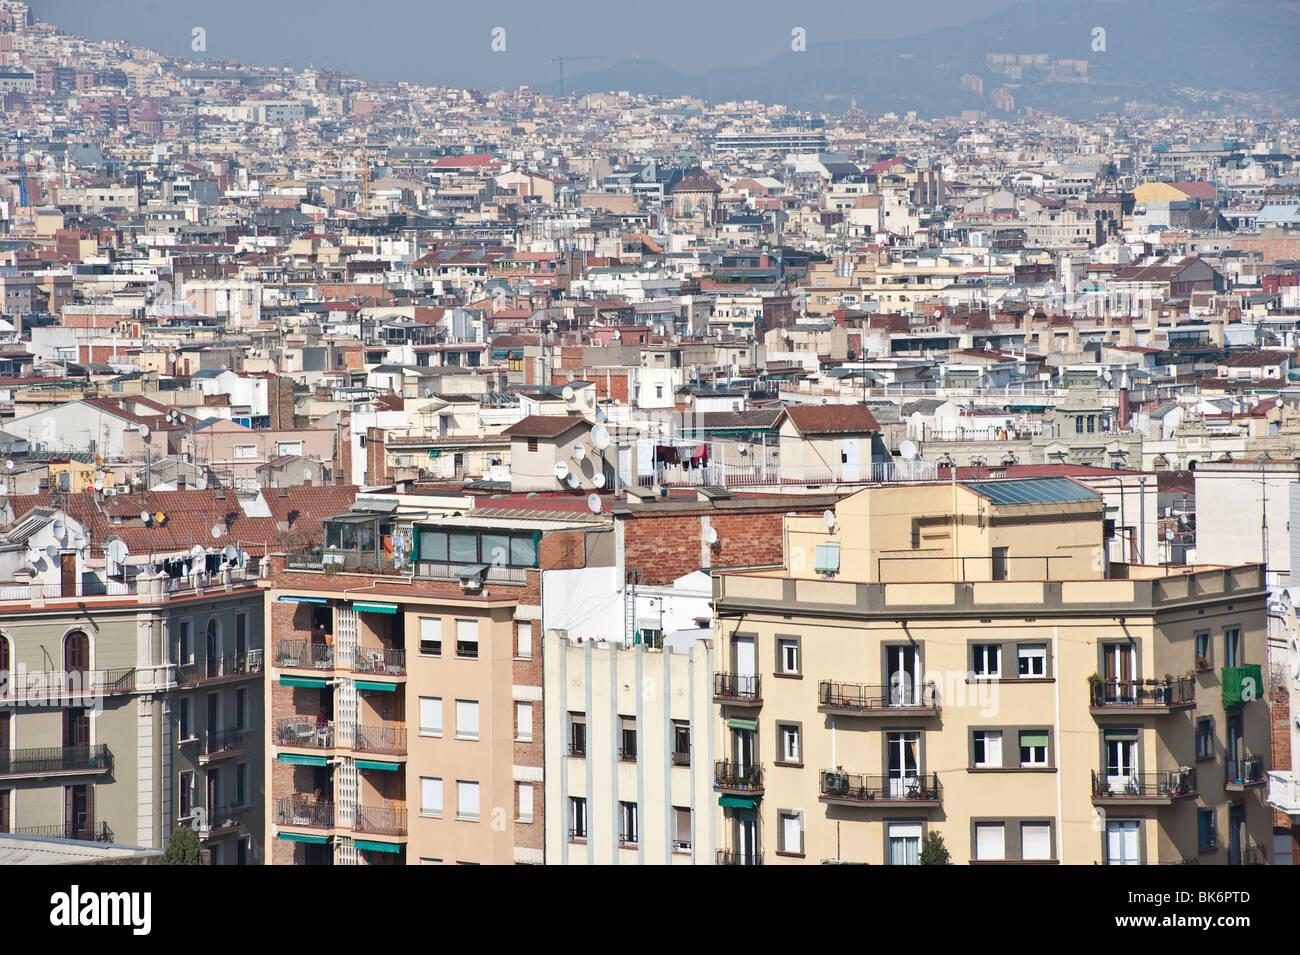 Gesamtansicht von Barcelona vom Montjuïc, Spanien. Stockbild